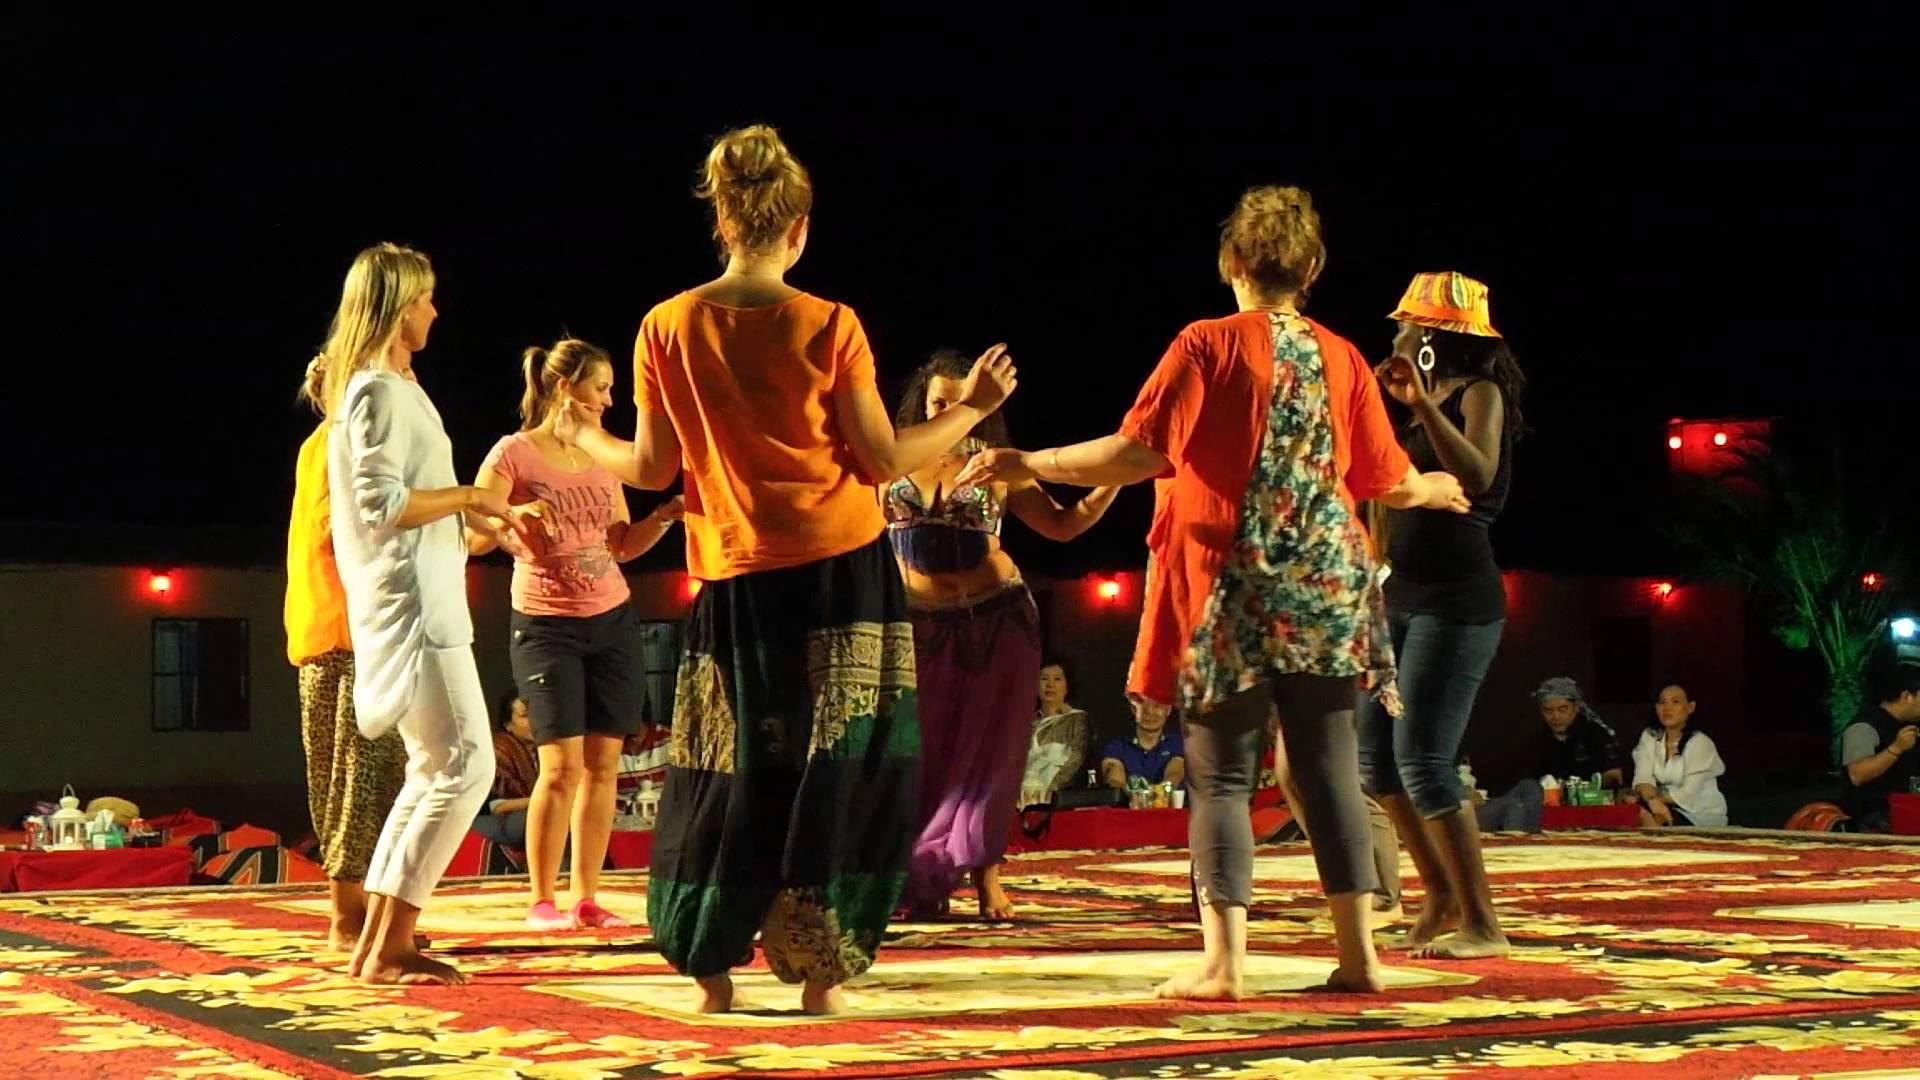 Emirados Arabes - Passeio no deserto aula de danca do ventre